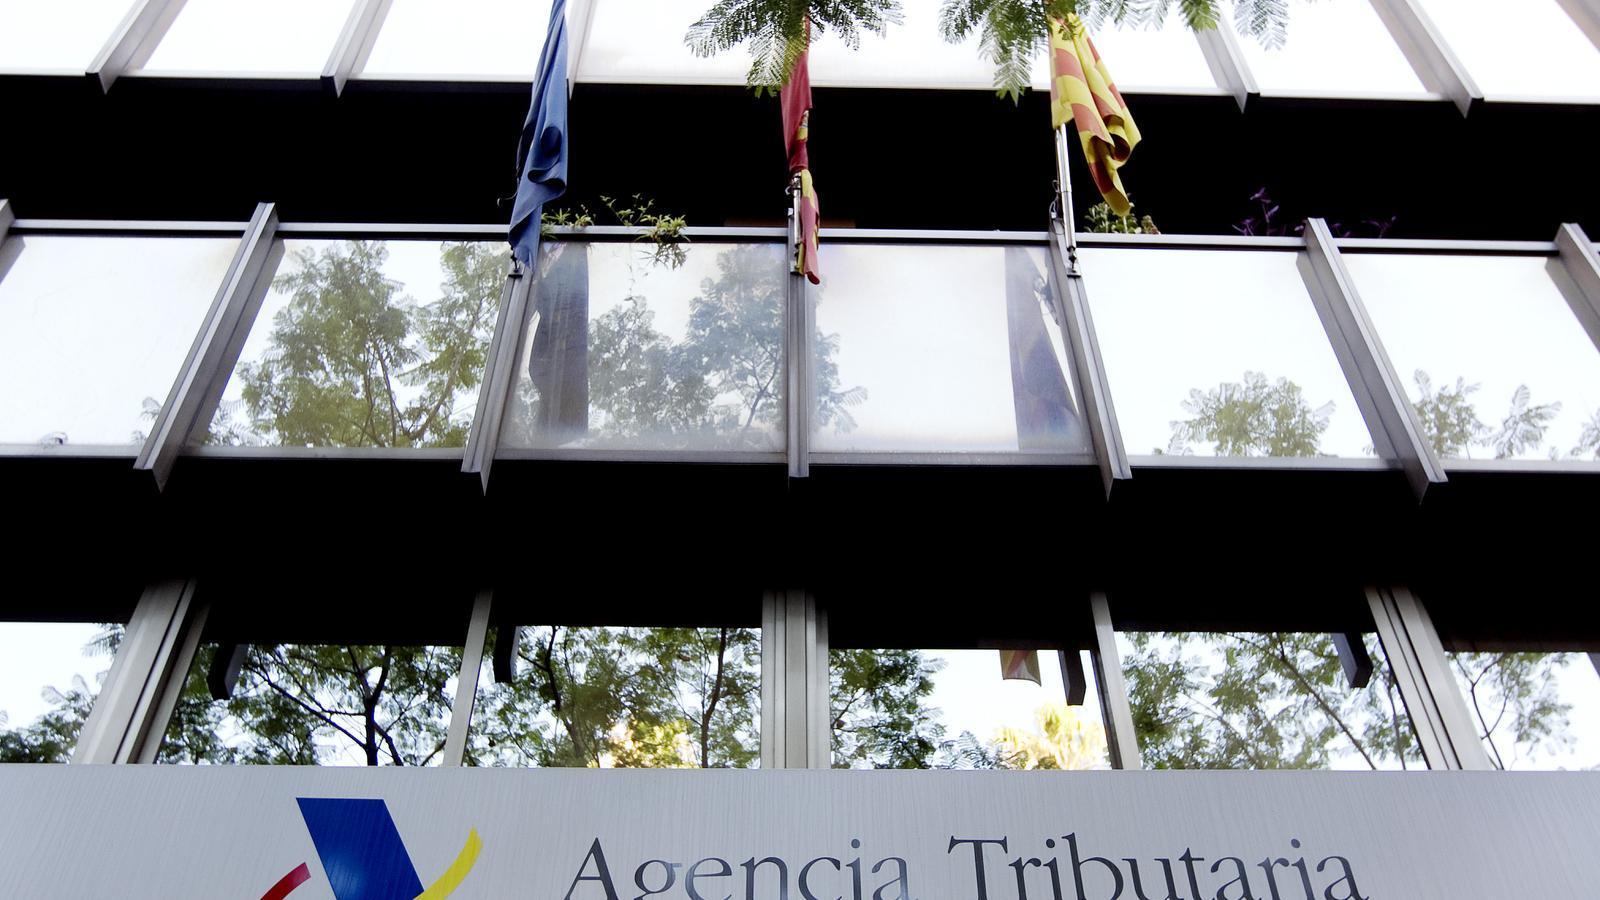 Edifici de l'Agència Tributària de l'Estat, a la plaça Letamendi de Barcelona / FRANCESC MELCION